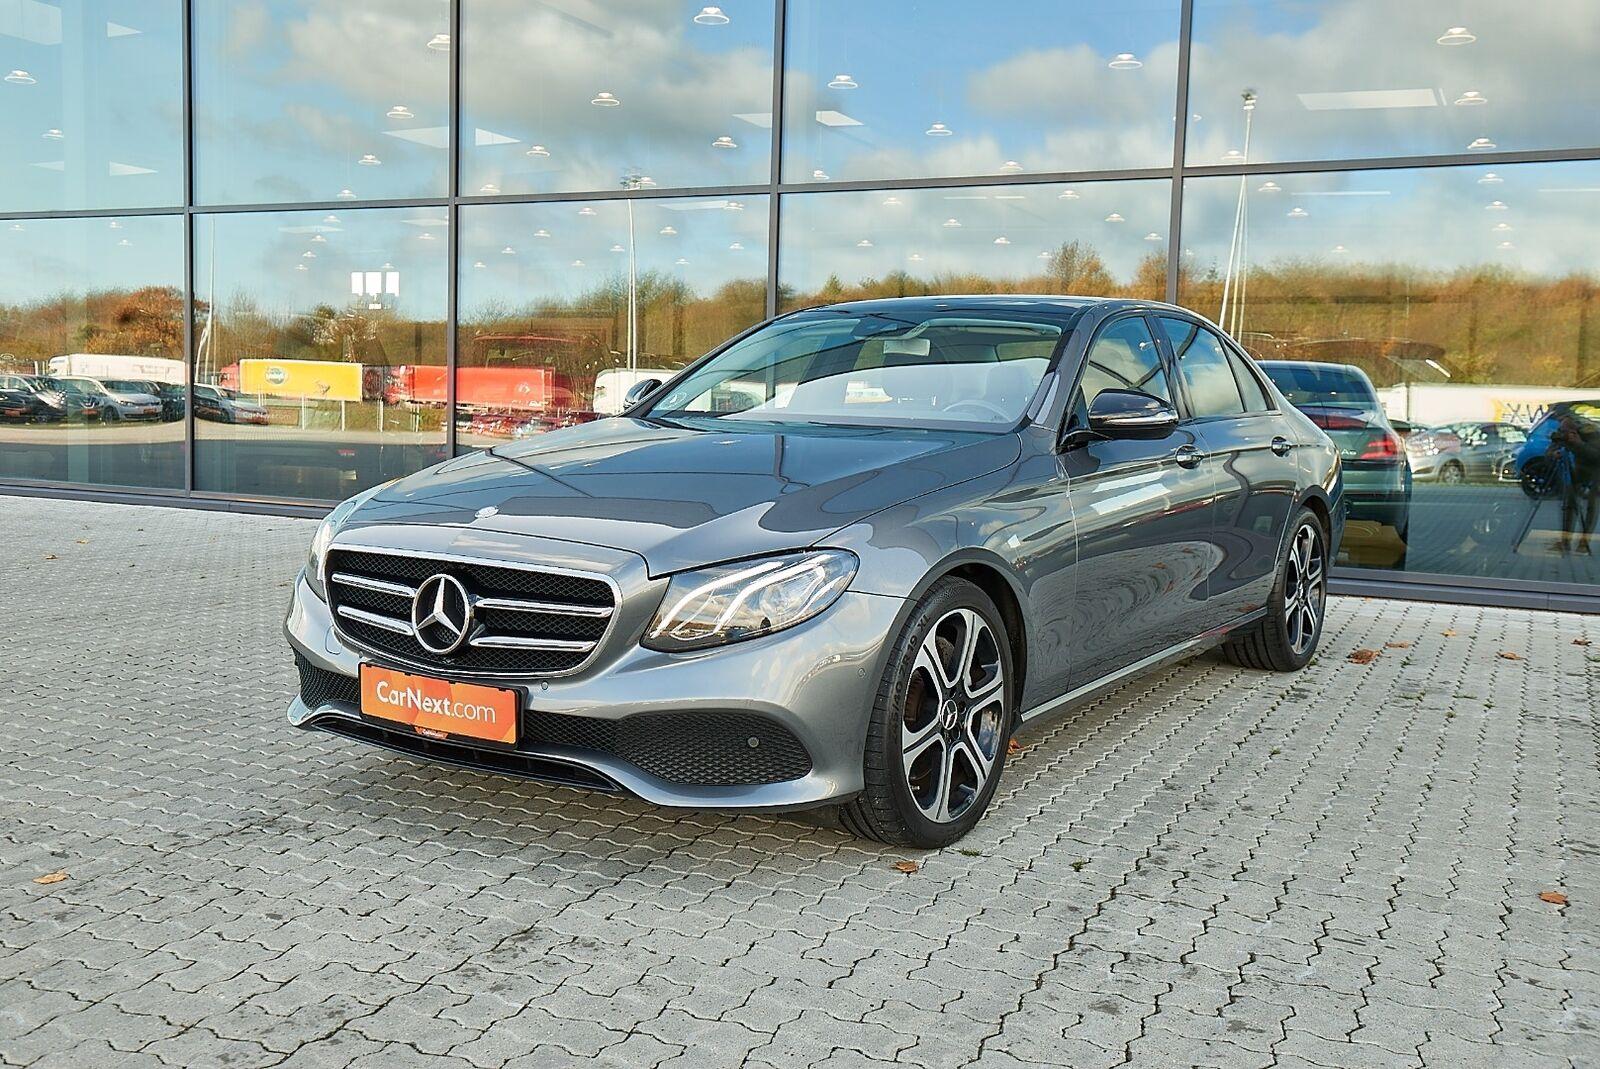 Mercedes E350 d 3,0 Business Avantgarde aut. 4d - 439.900 kr.